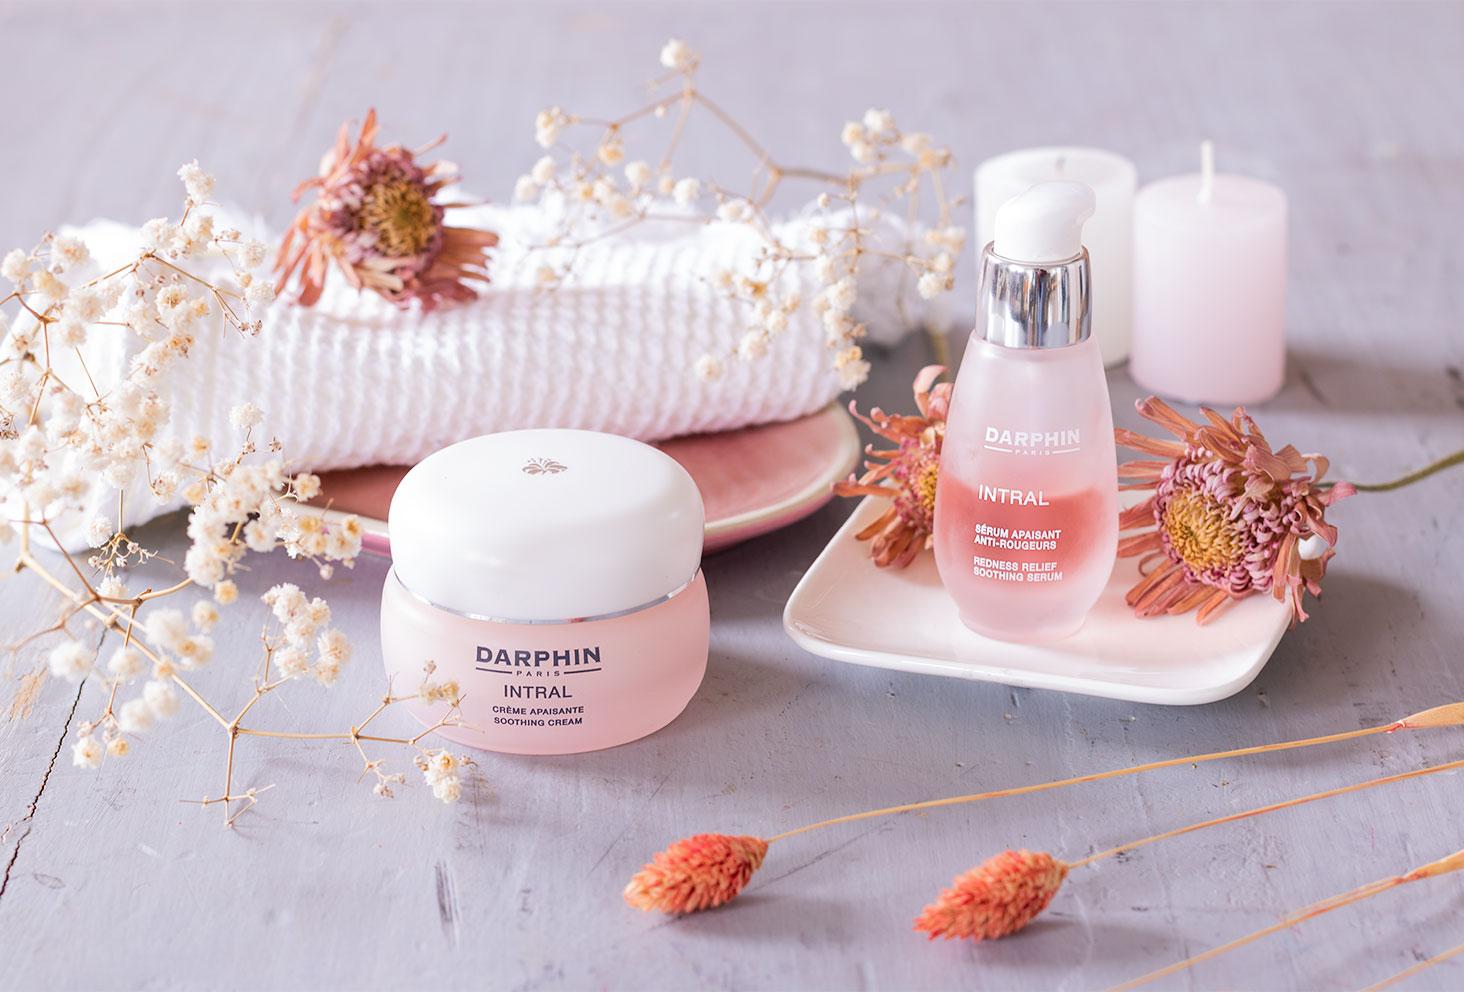 La routine crème et sérum de la collection INTRAL de Darphin posée sur une table vintage dans un décor de salle de bain